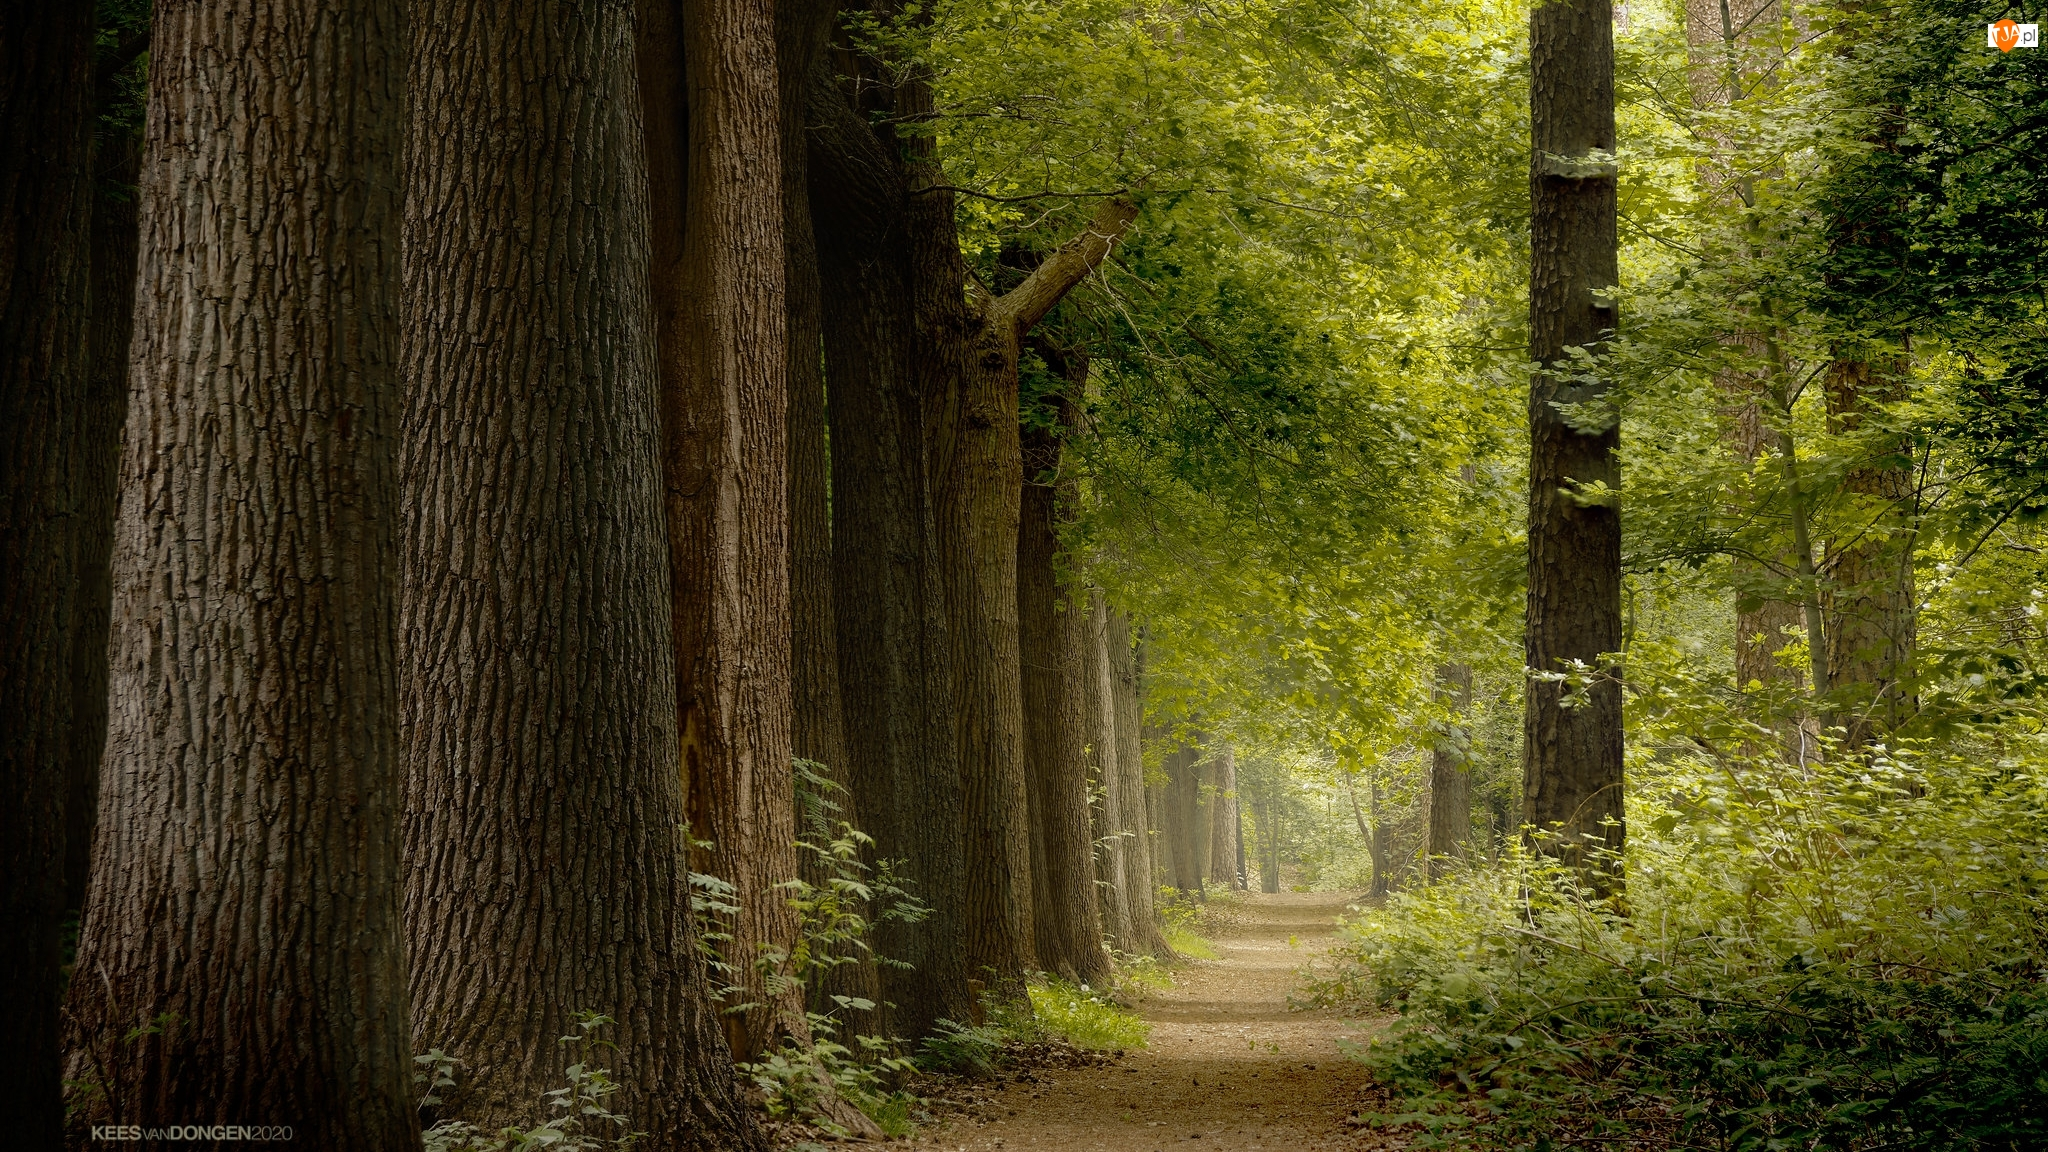 Pnie, Droga, Drzewa, Las, Krzewy